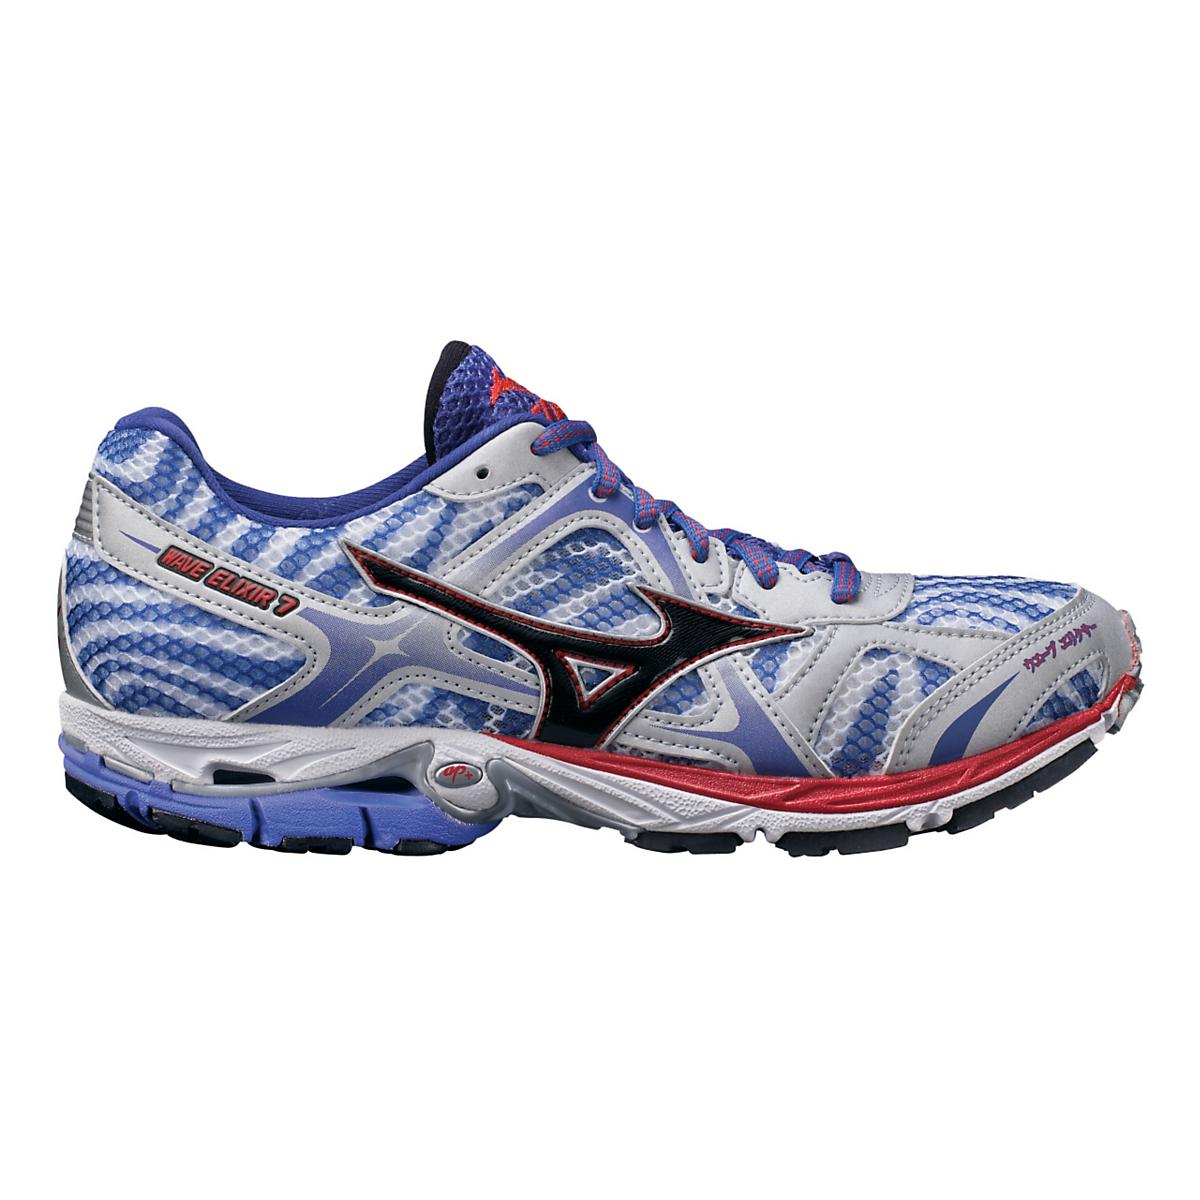 c1a794e7650d Womens Mizuno Wave Elixir 7 Running Shoe at Road Runner Sports